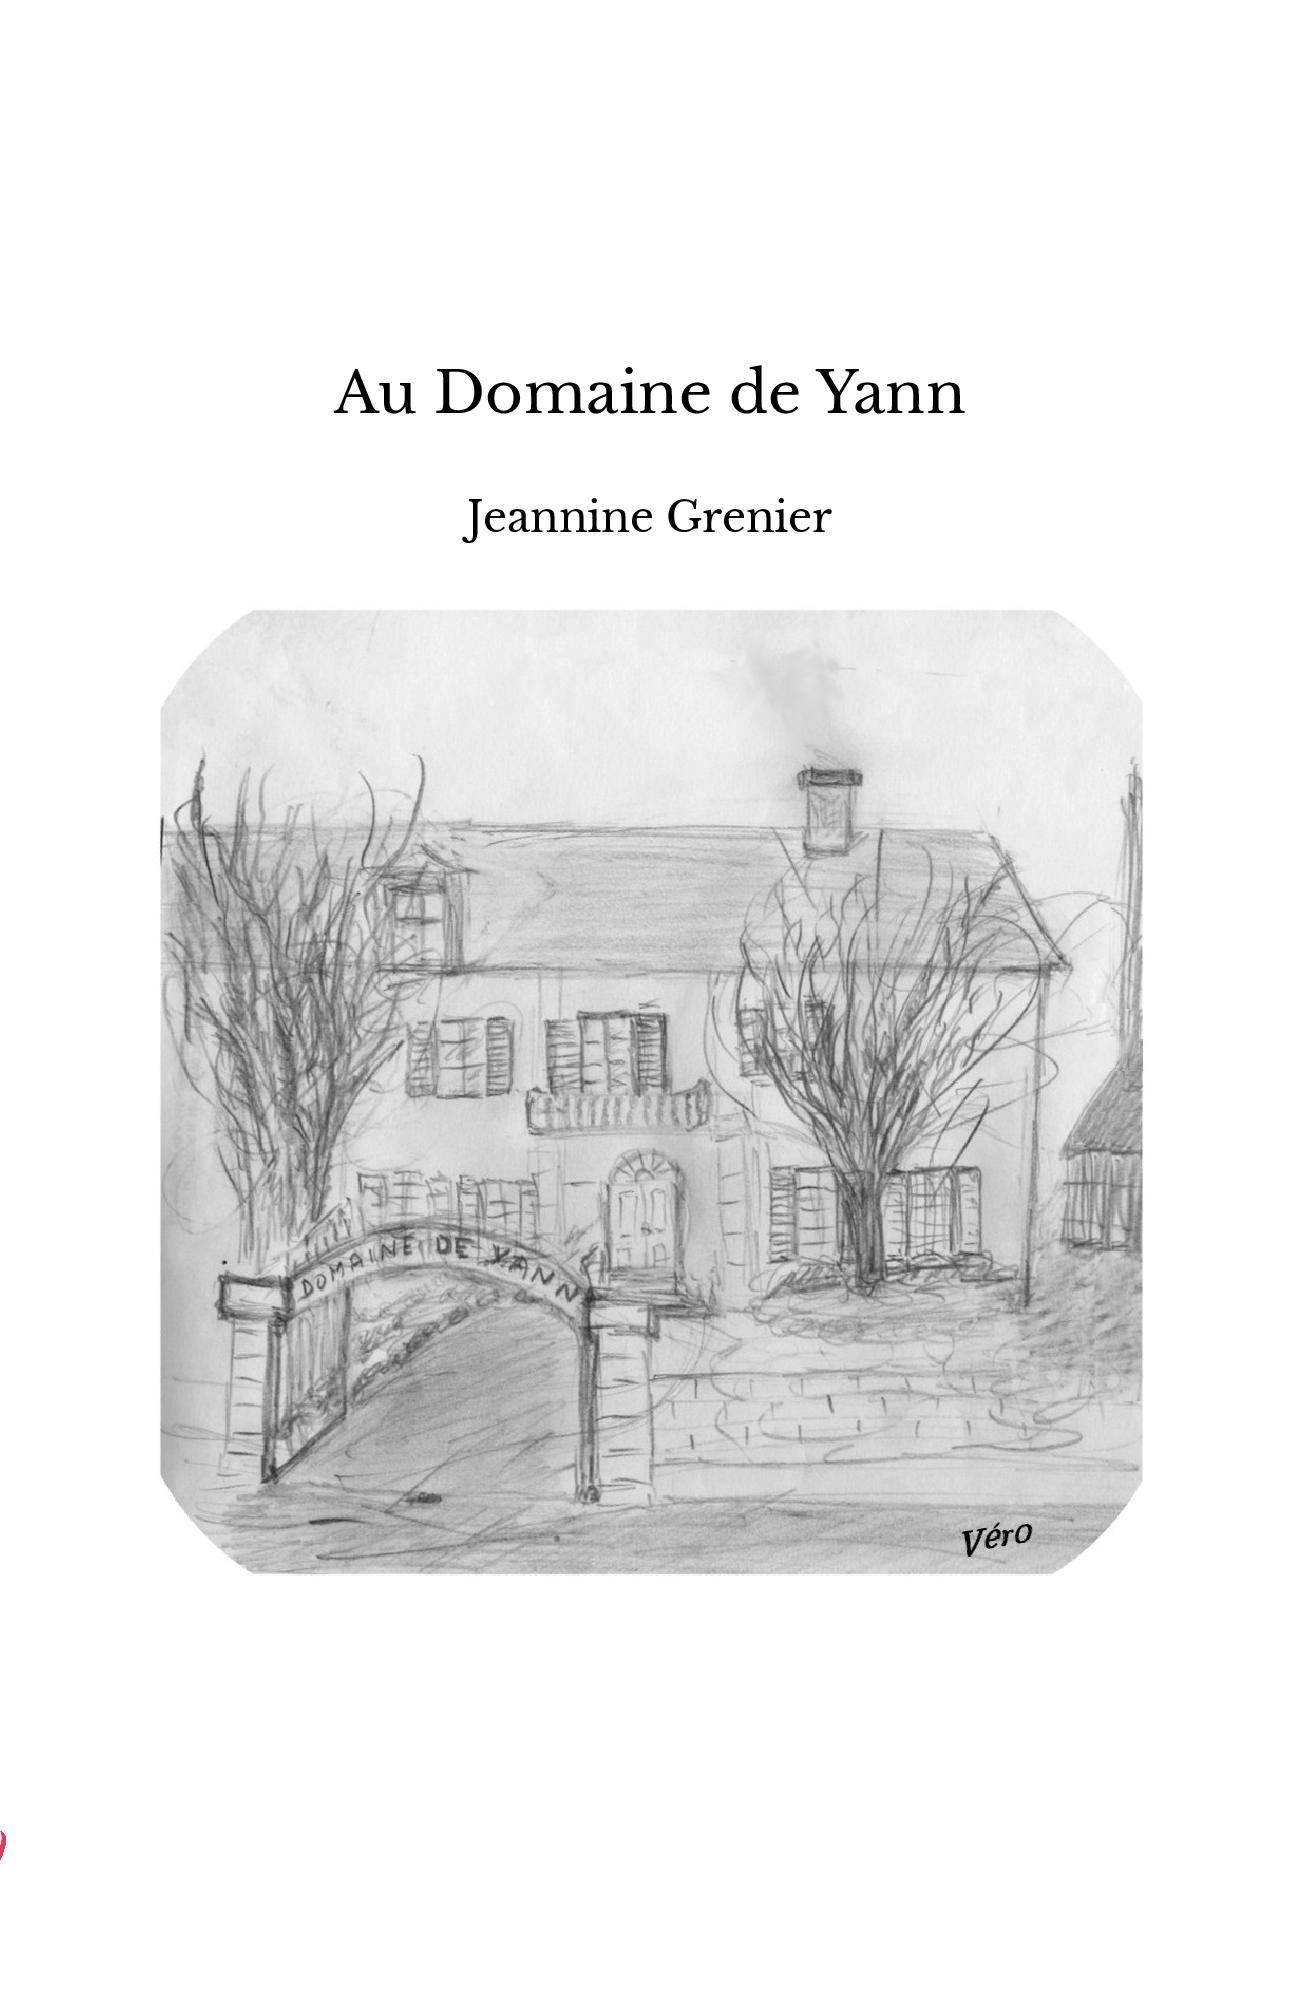 Au Domaine de Yann